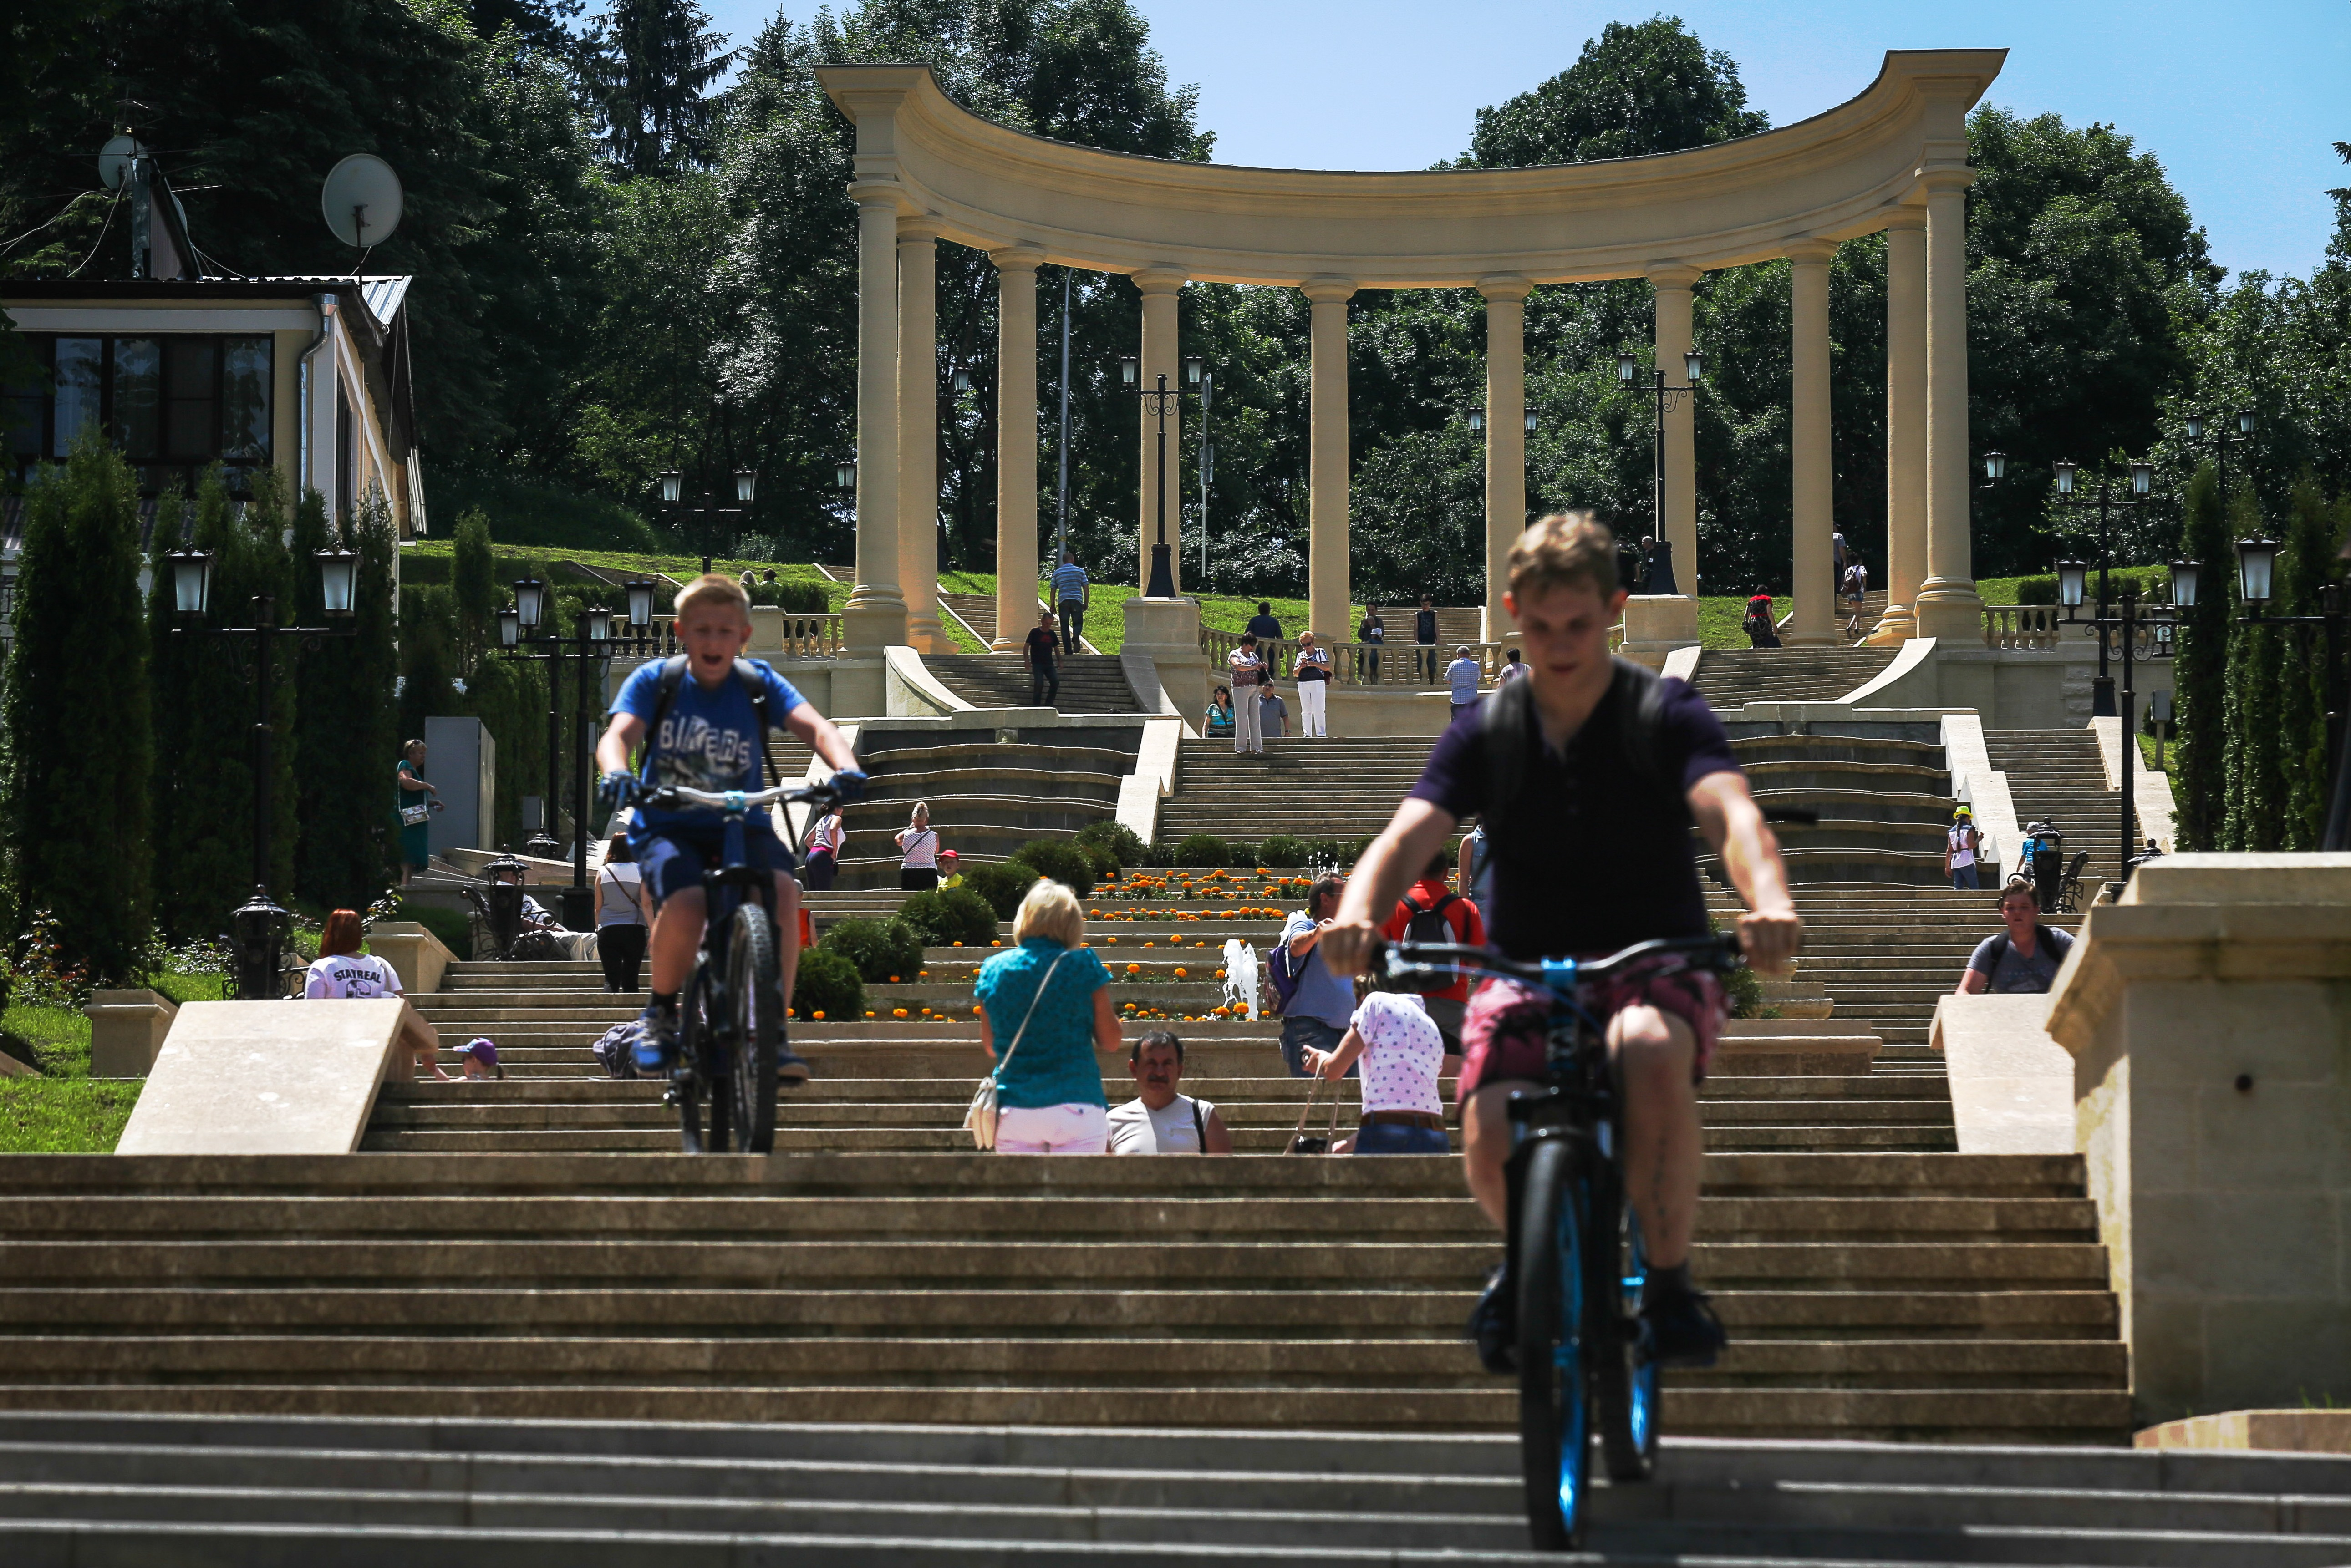 Летний сезон на курортах Кавминвод откроется трехдневным карнавалом